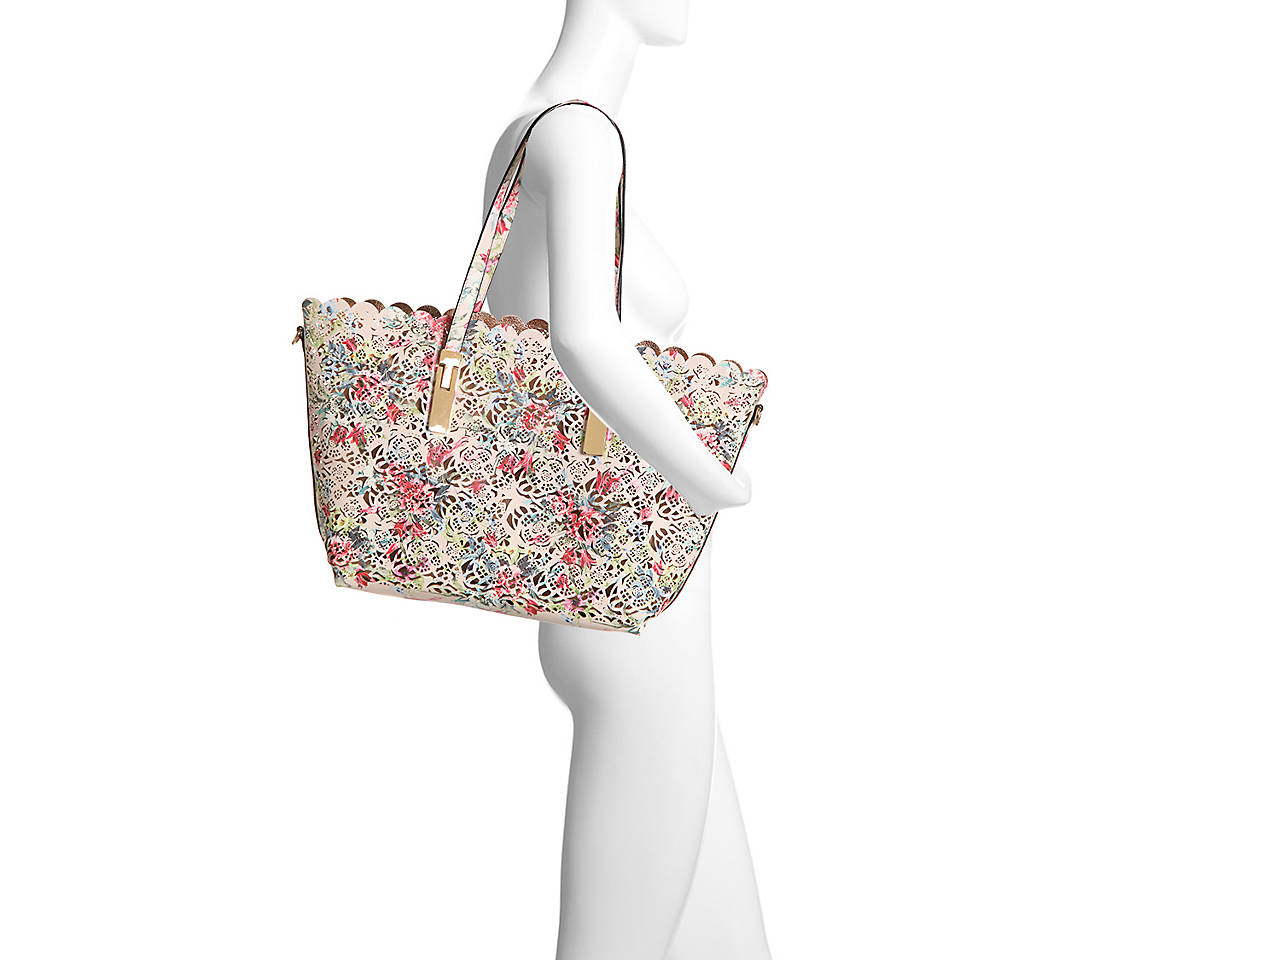 ebed732d67c Aldo FarkleBerry Tote Women s Handbags   Accessories